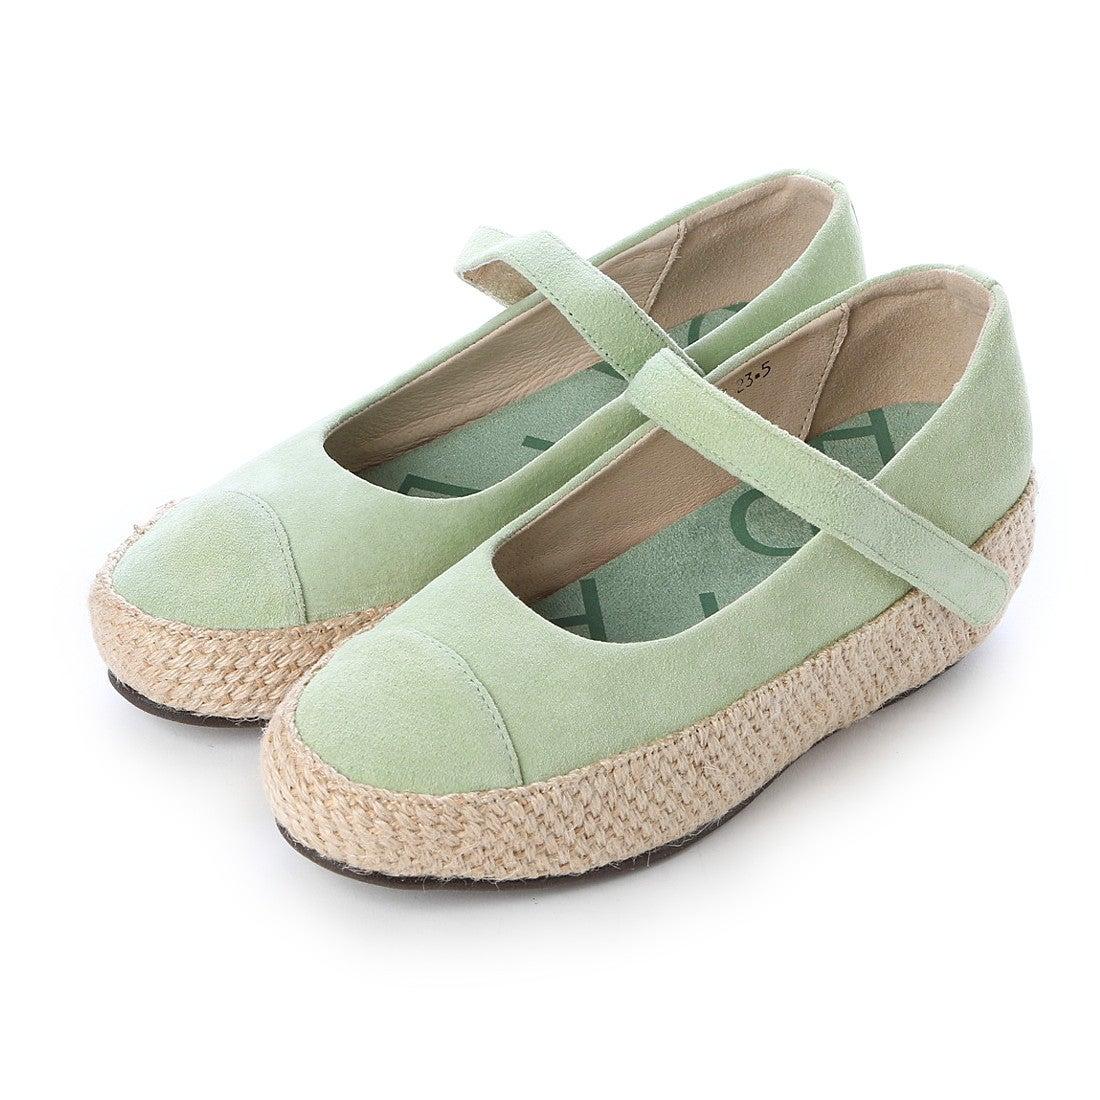 【SALE 70%OFF】ヒナデイグリーン Hina Day Green ジュート巻きプラットフォームパンプス (ミントグリーン) レディース